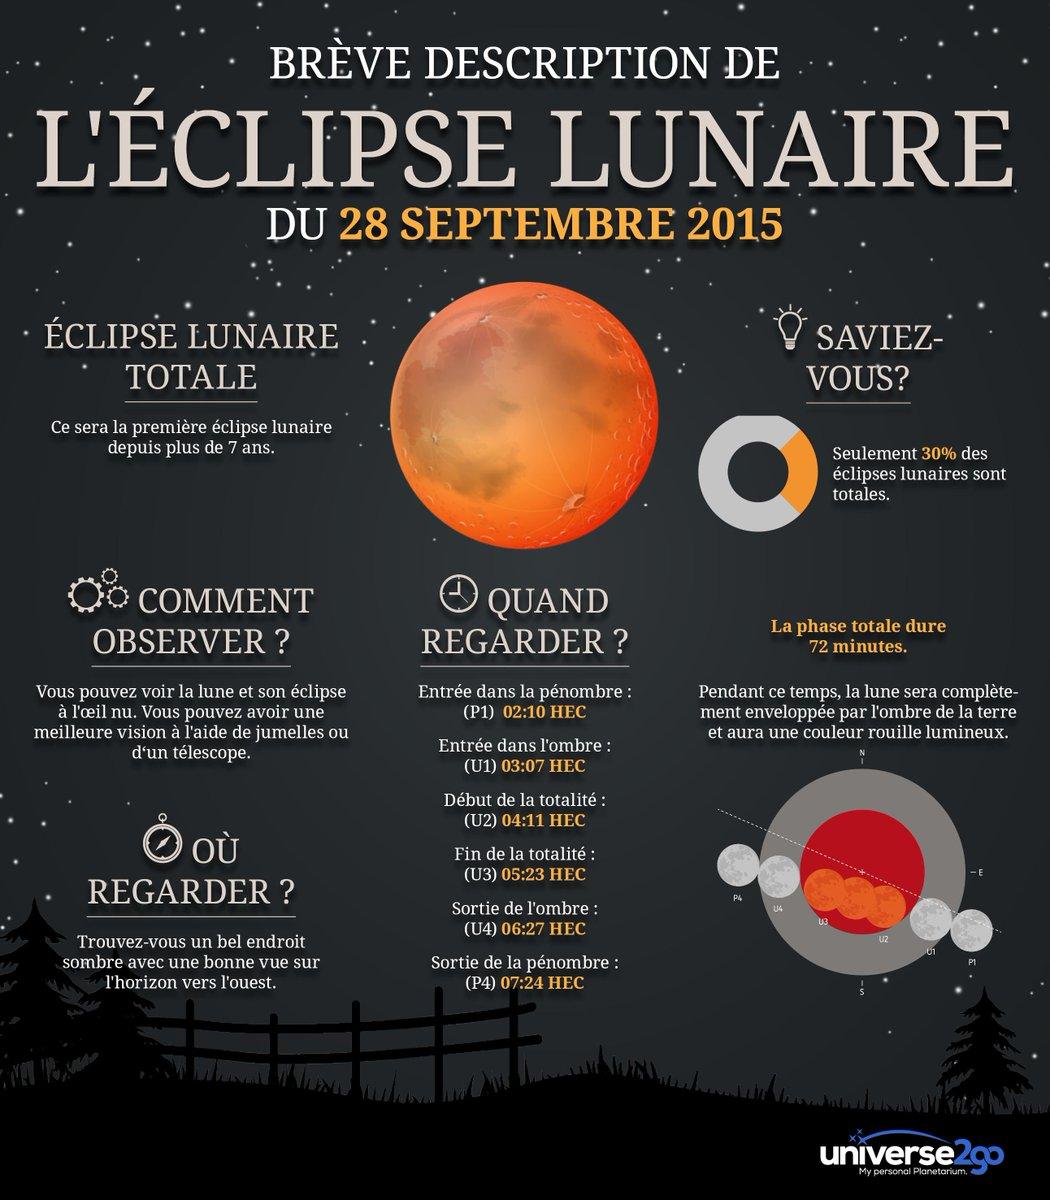 Coucou les amis ! Ce soir vous sortez vos telescopes ou vos appareils photo de la mort qui tue ? #eclipse #astronomie http://t.co/JPPAkXquUu